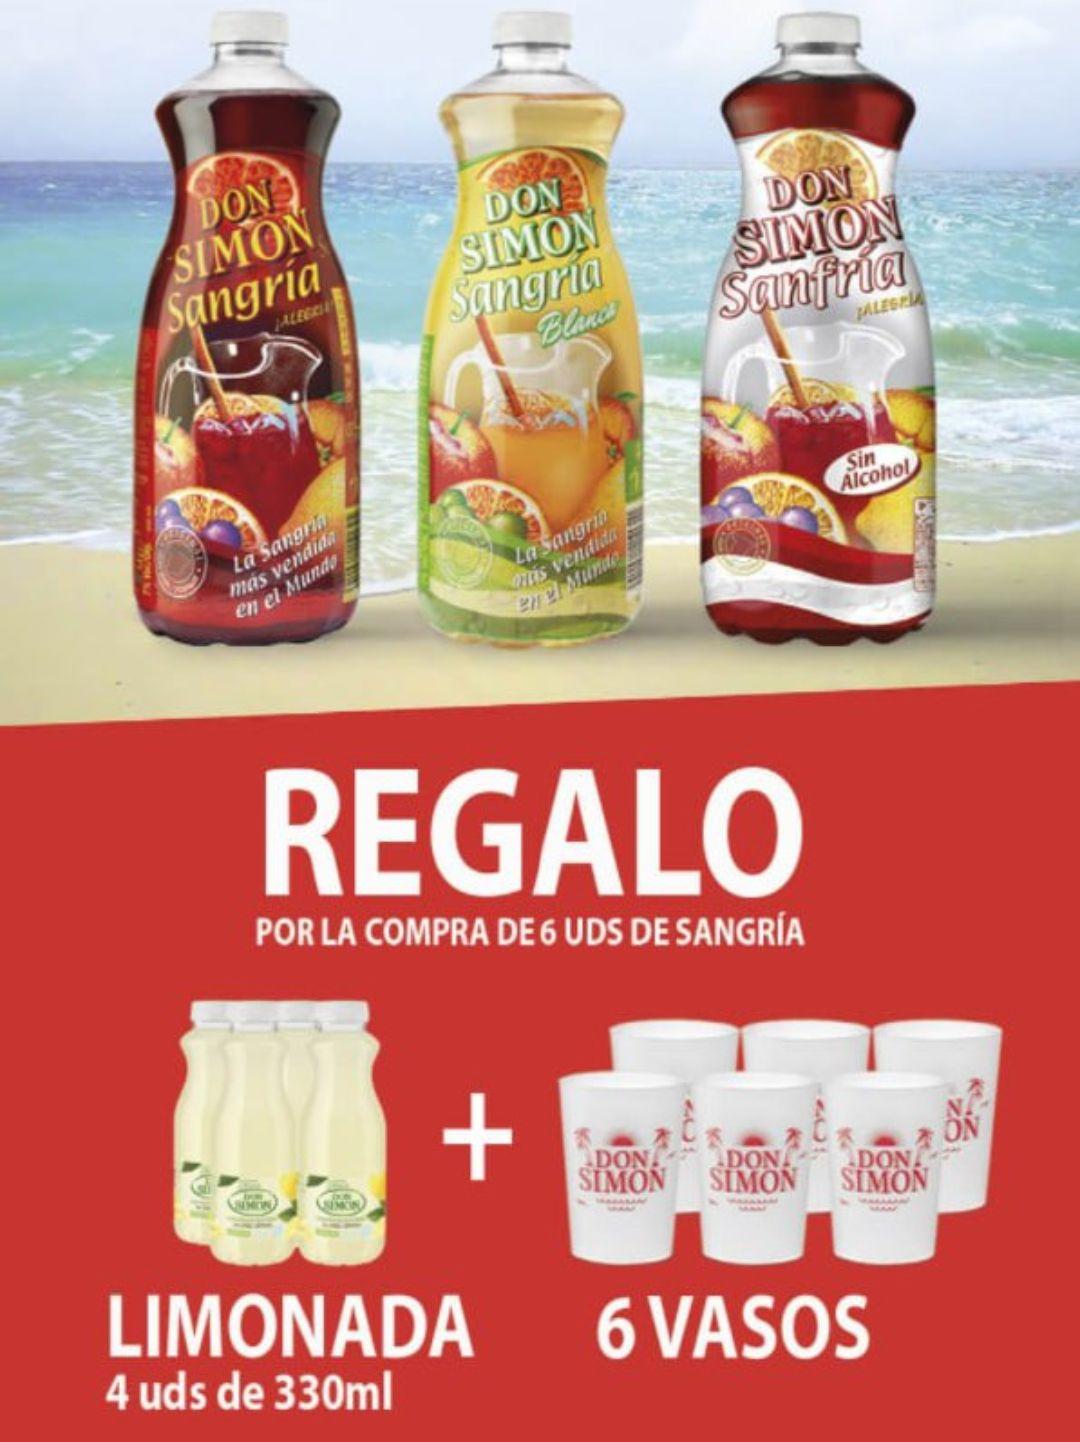 6x1,5L de Sangría + 4x330ml limonada + 6 vasos + Envío Gratis